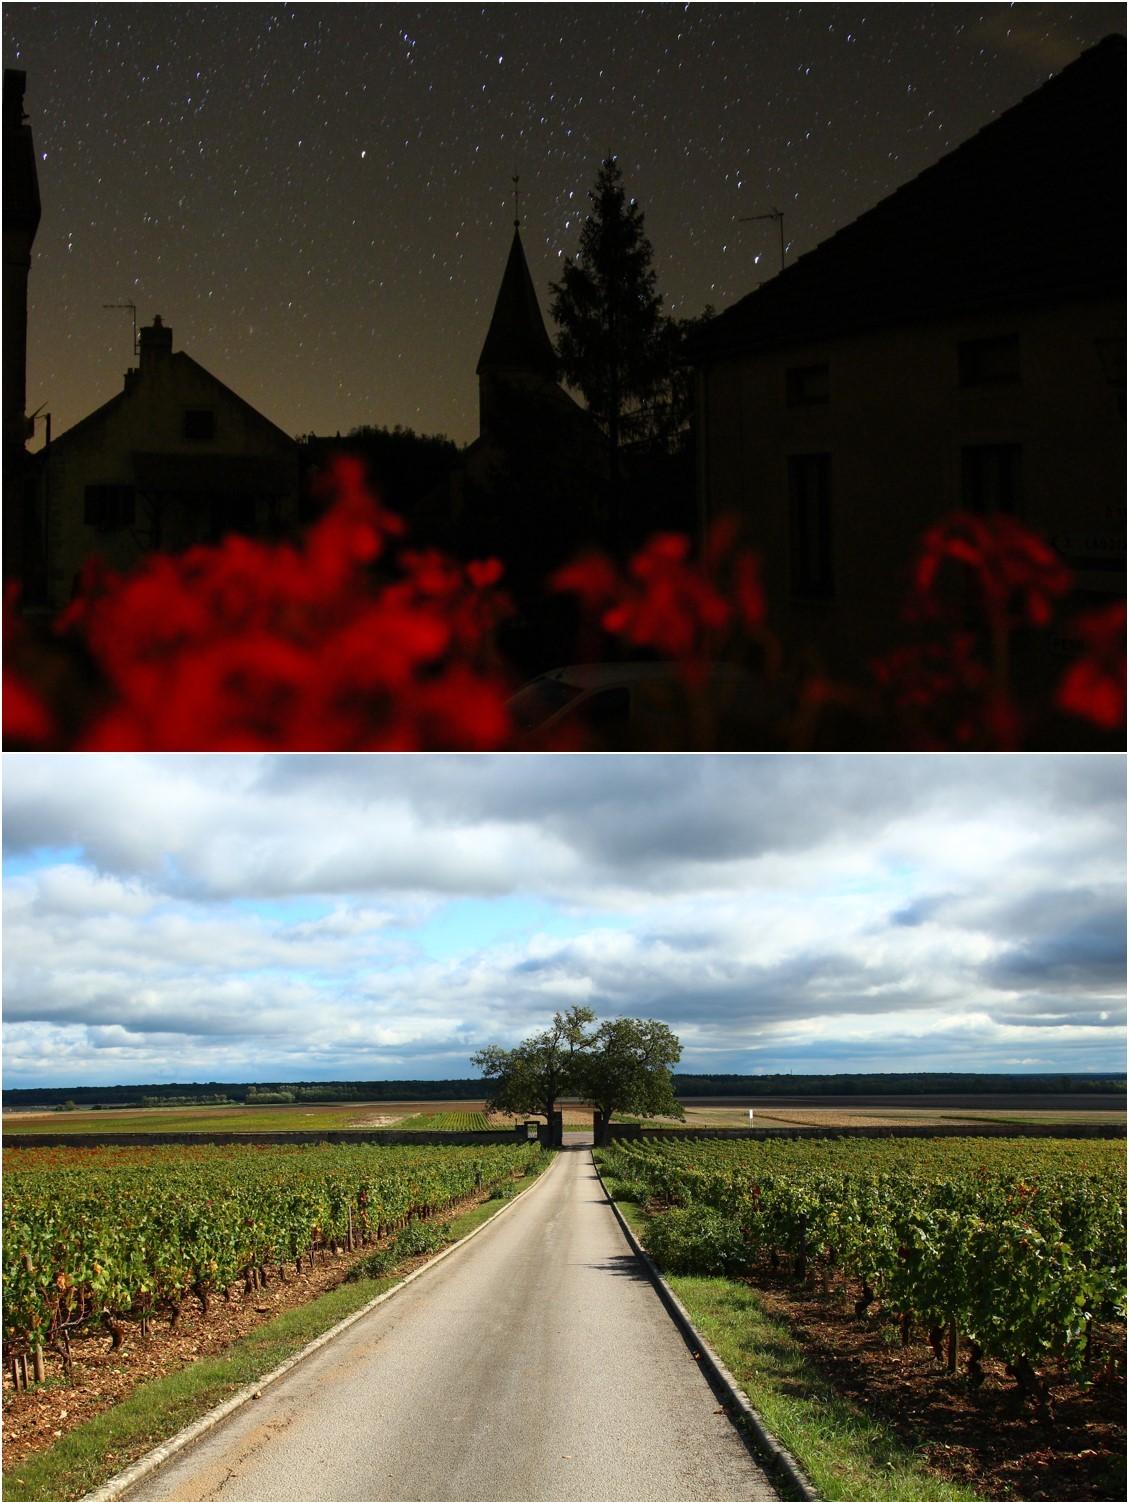 ブルゴーニュ ワイン旅_a0107981_15431036.jpg